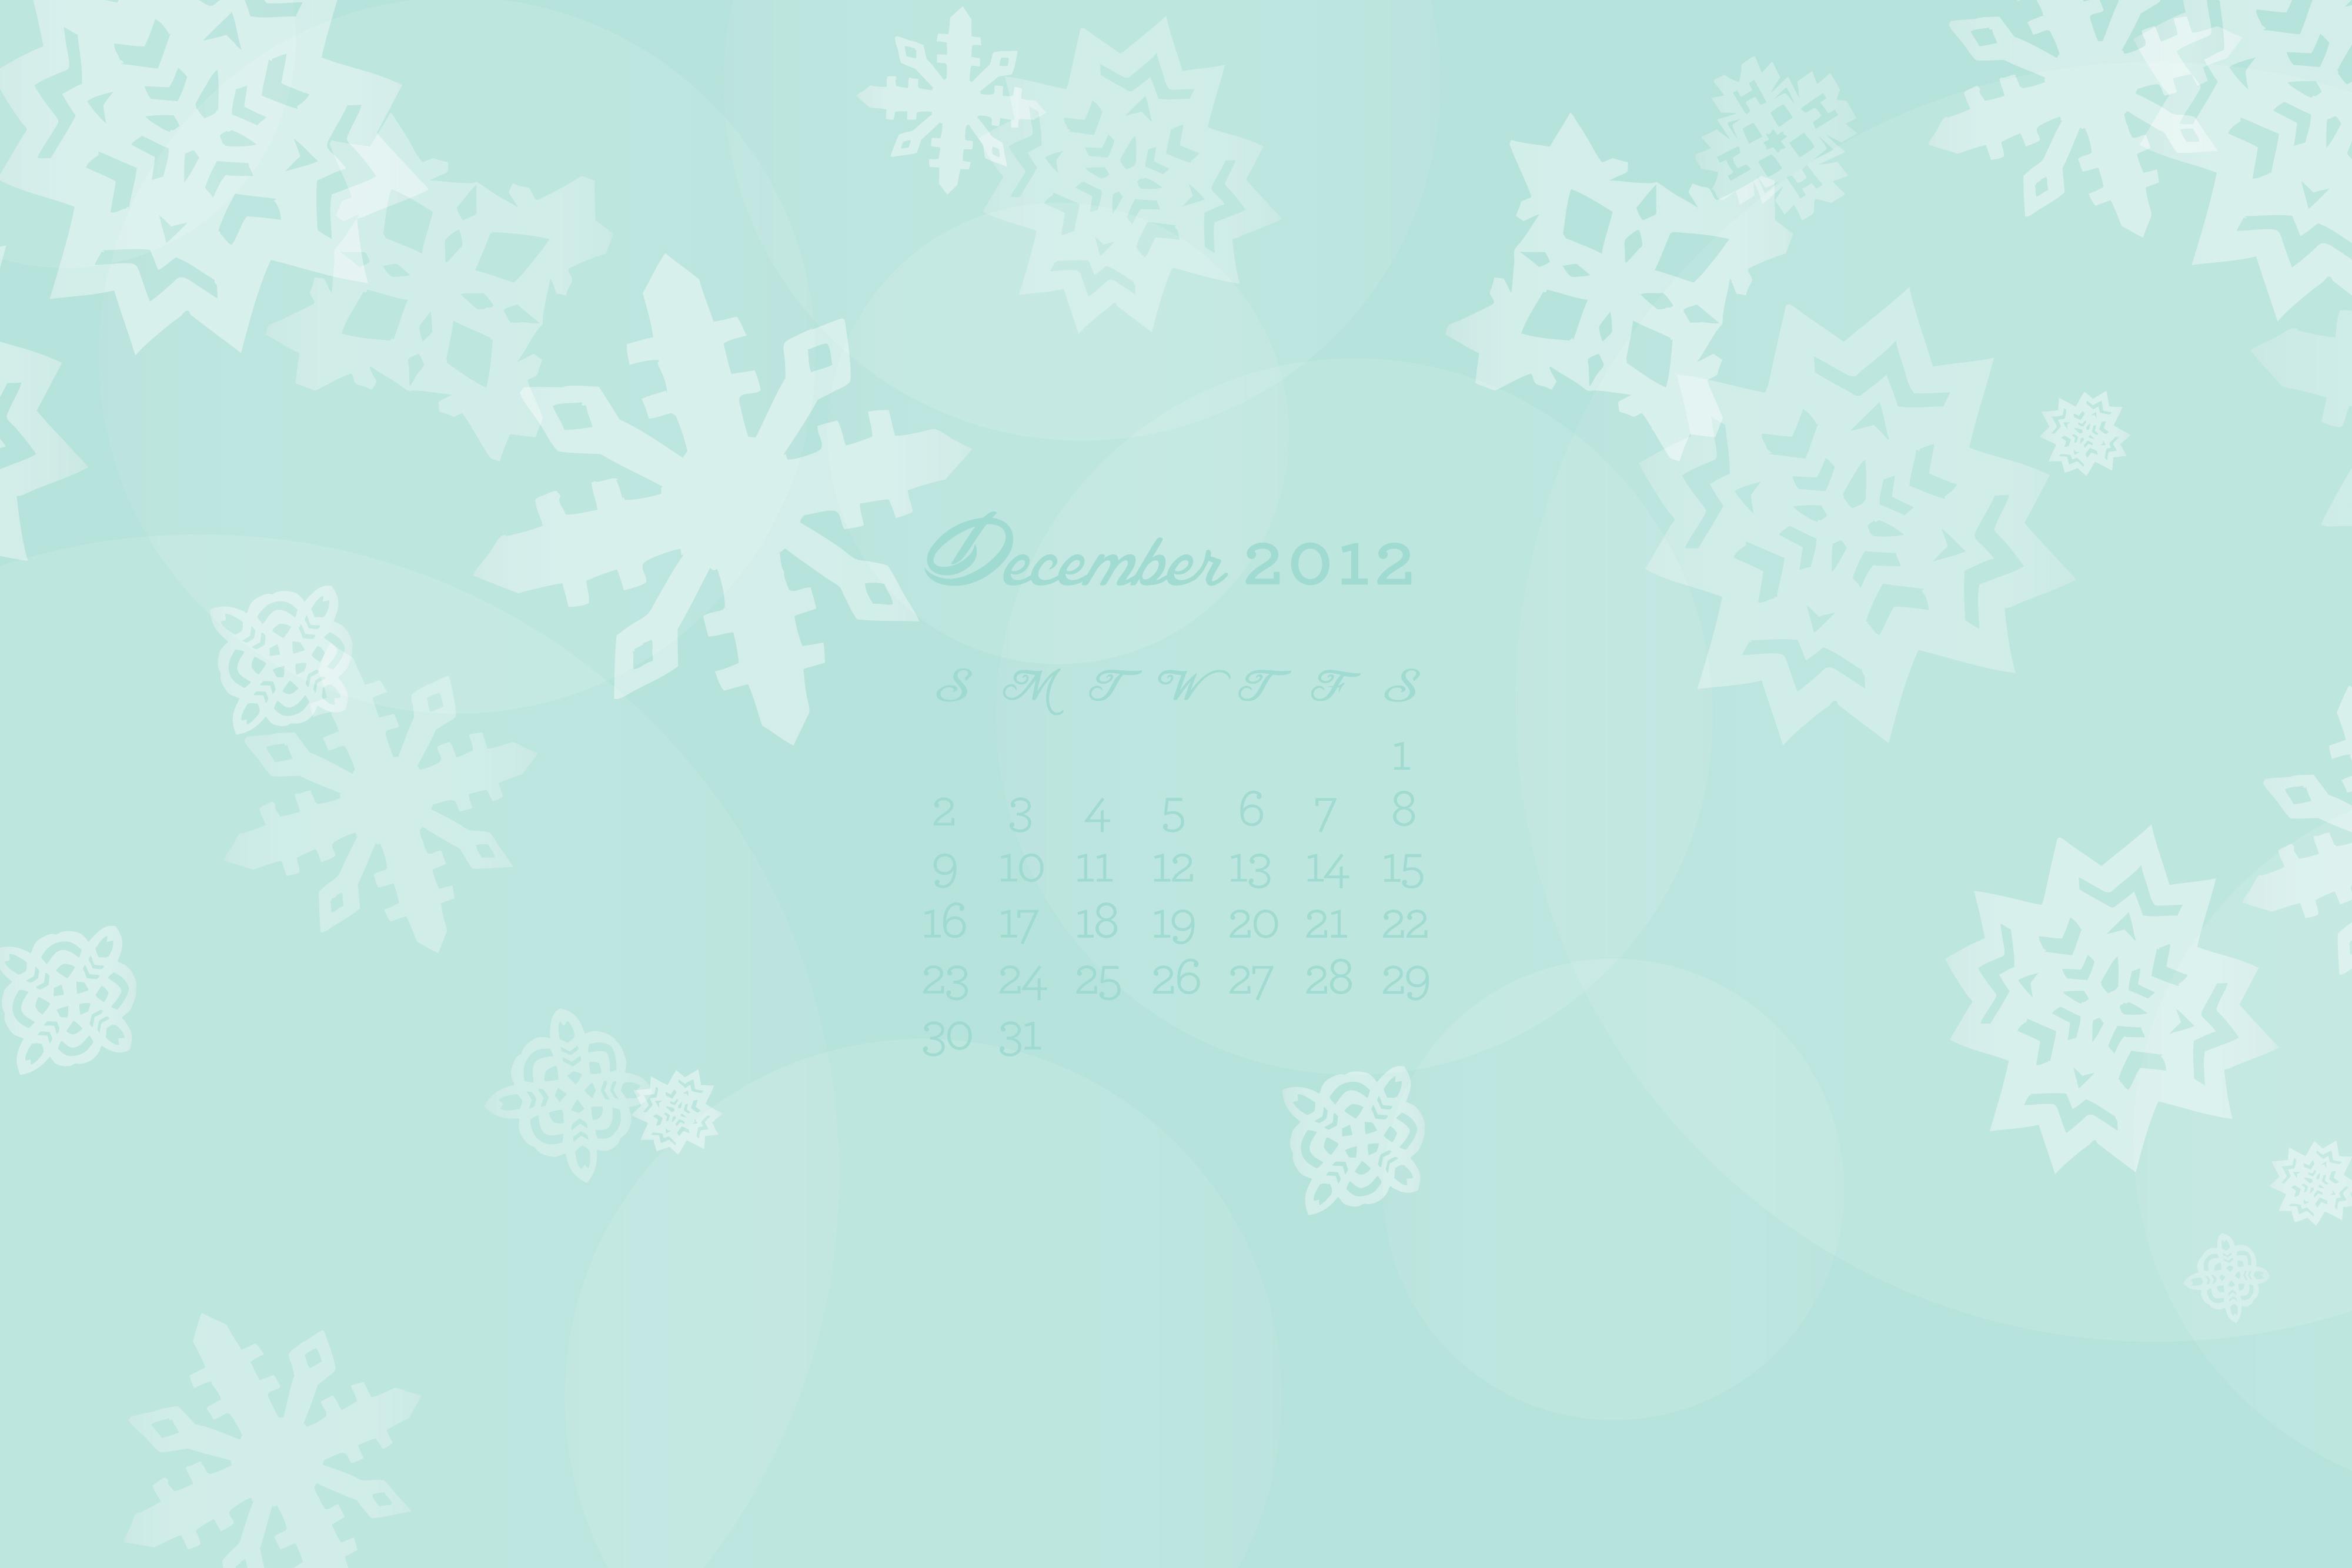 December 2012 Calendar Wallpaper